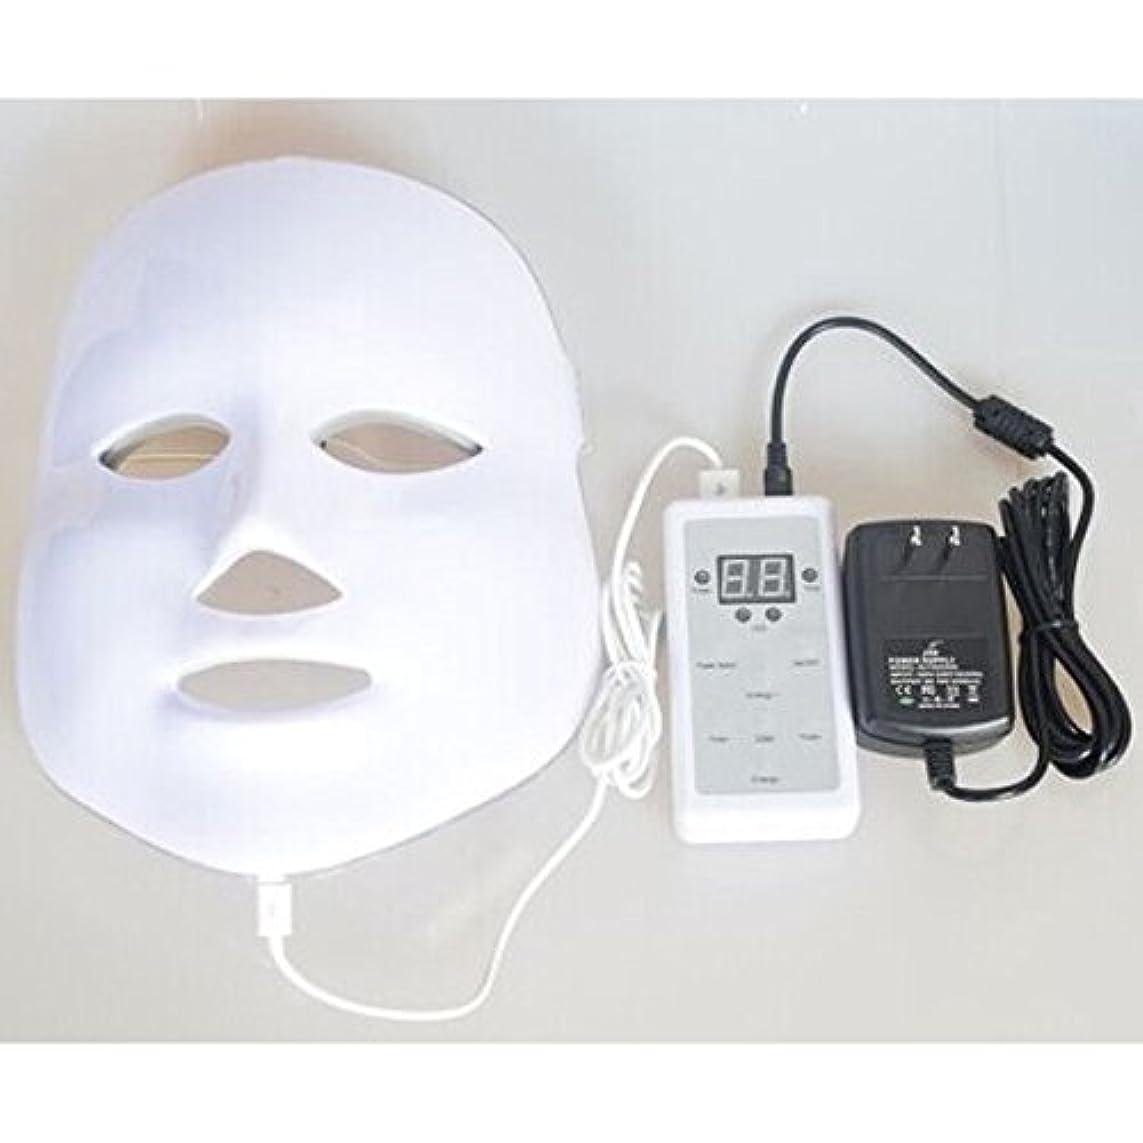 狂う弾性混合LED美顔器 7色 美顔マスク 美容 たるみ ほうれい線 美肌 ニキビ対策 コラーゲン生成 美白 エイジングケア